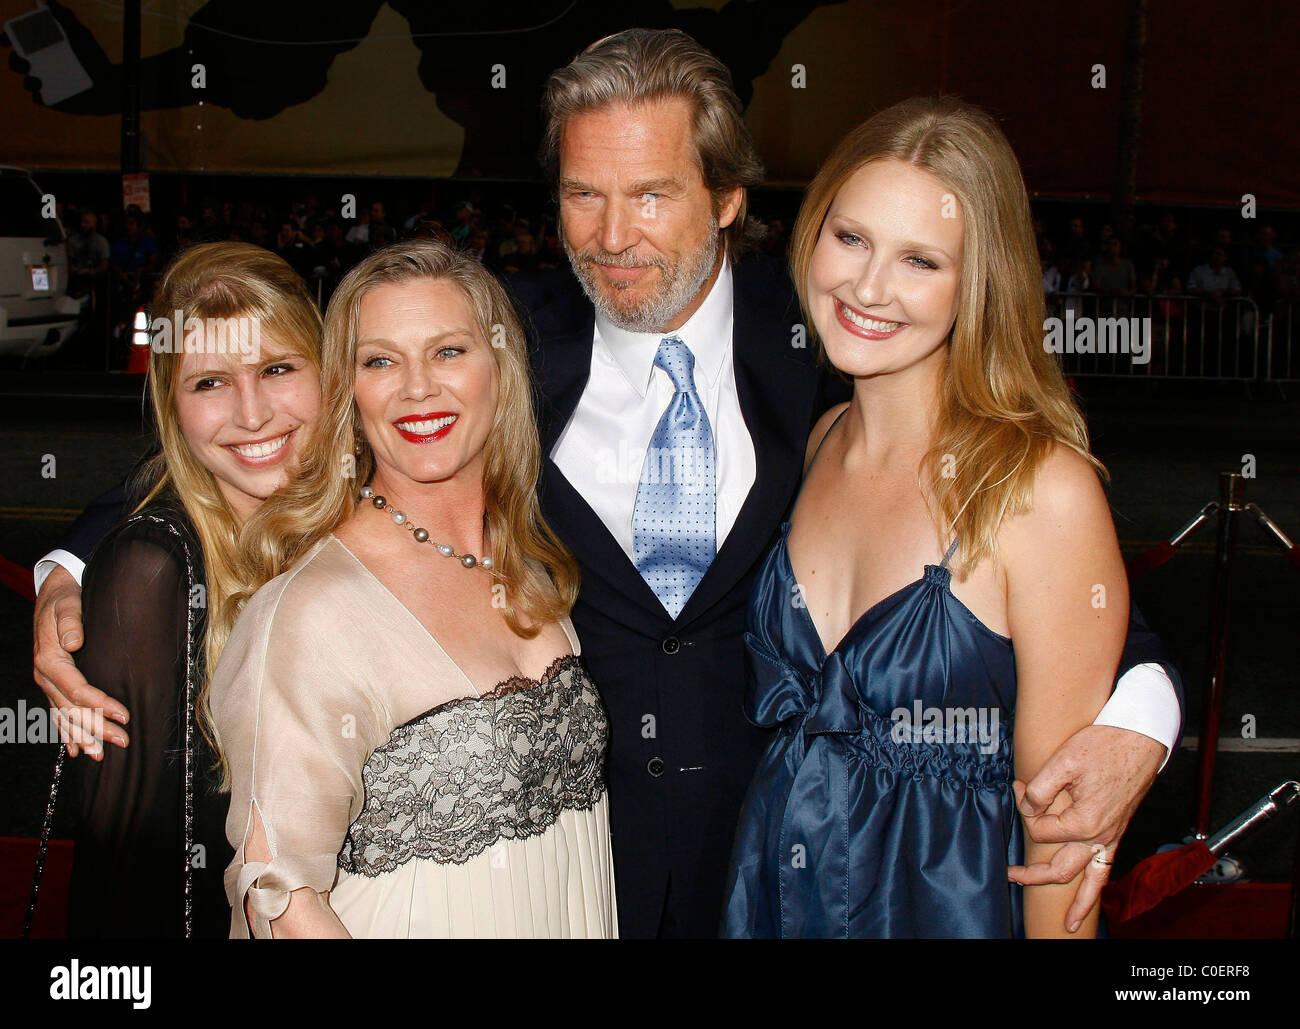 Jeff Bridges Family Los Angeles Stock Photos & Jeff ...